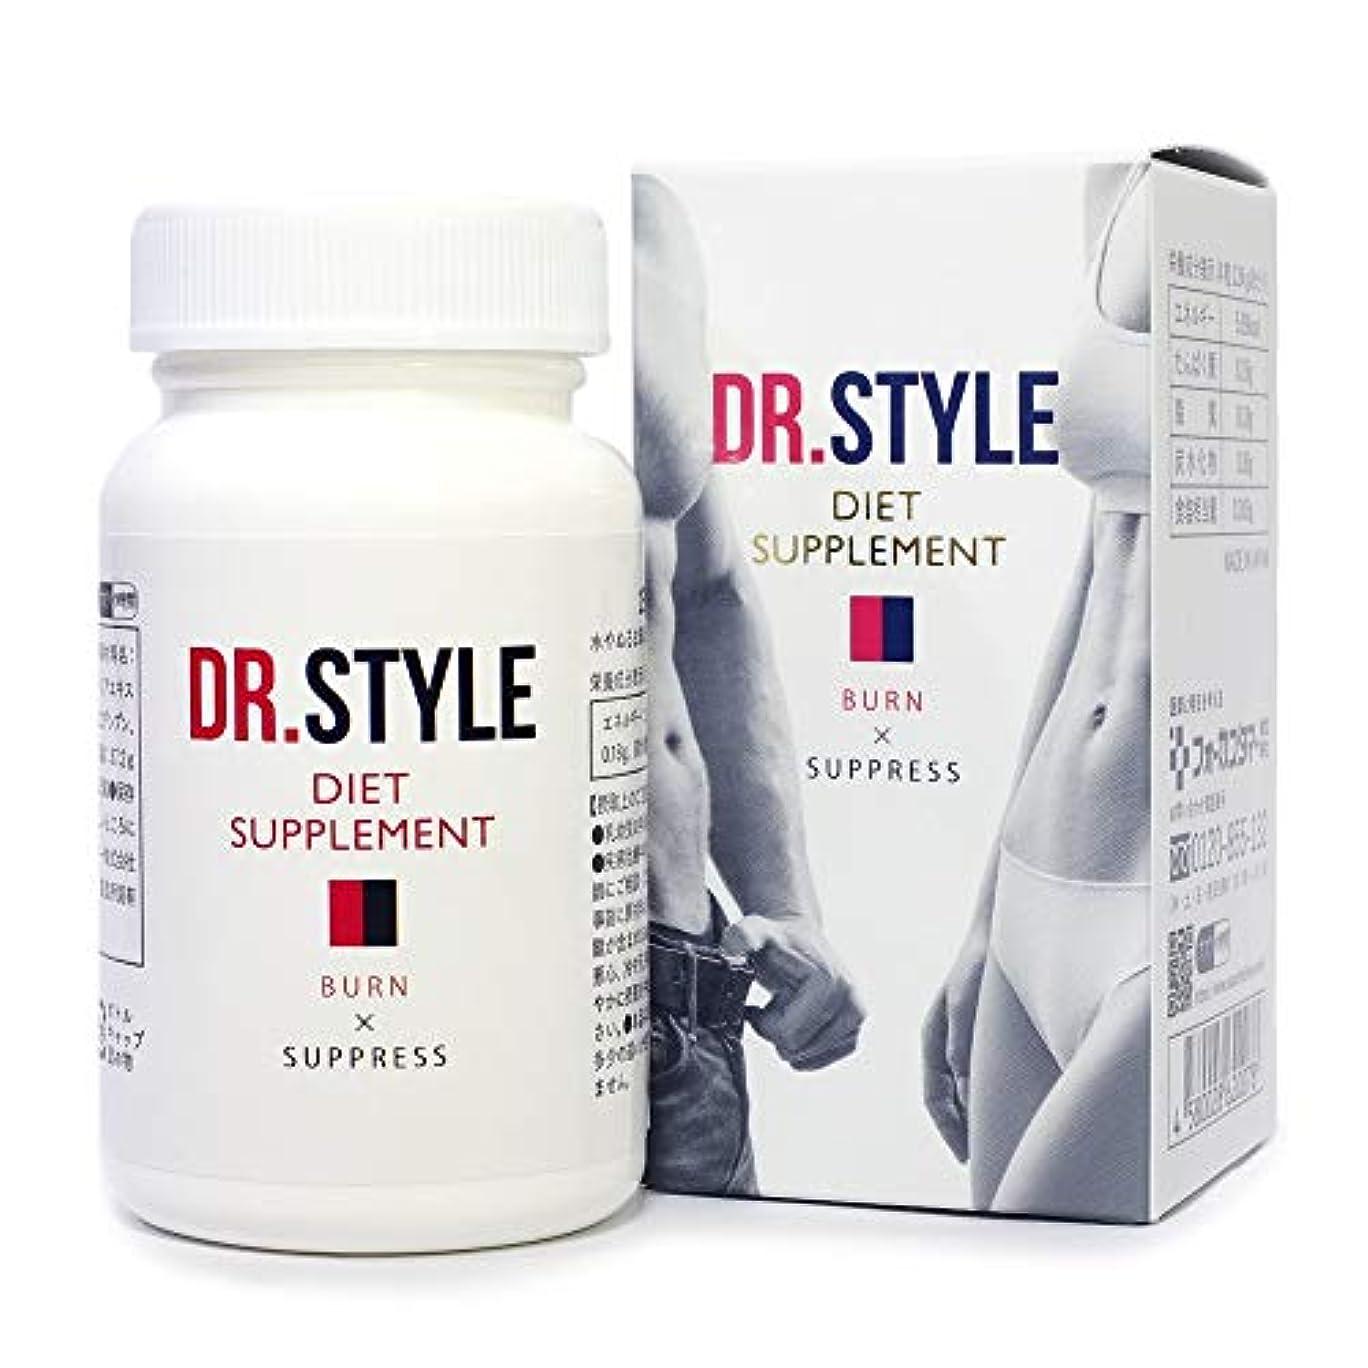 スーパーマーケット書き出す無許可DR.STYLE 医師監修 ダイエット サプリメント サラシア αリポ酸 L-カルニチン CoQ10 120粒